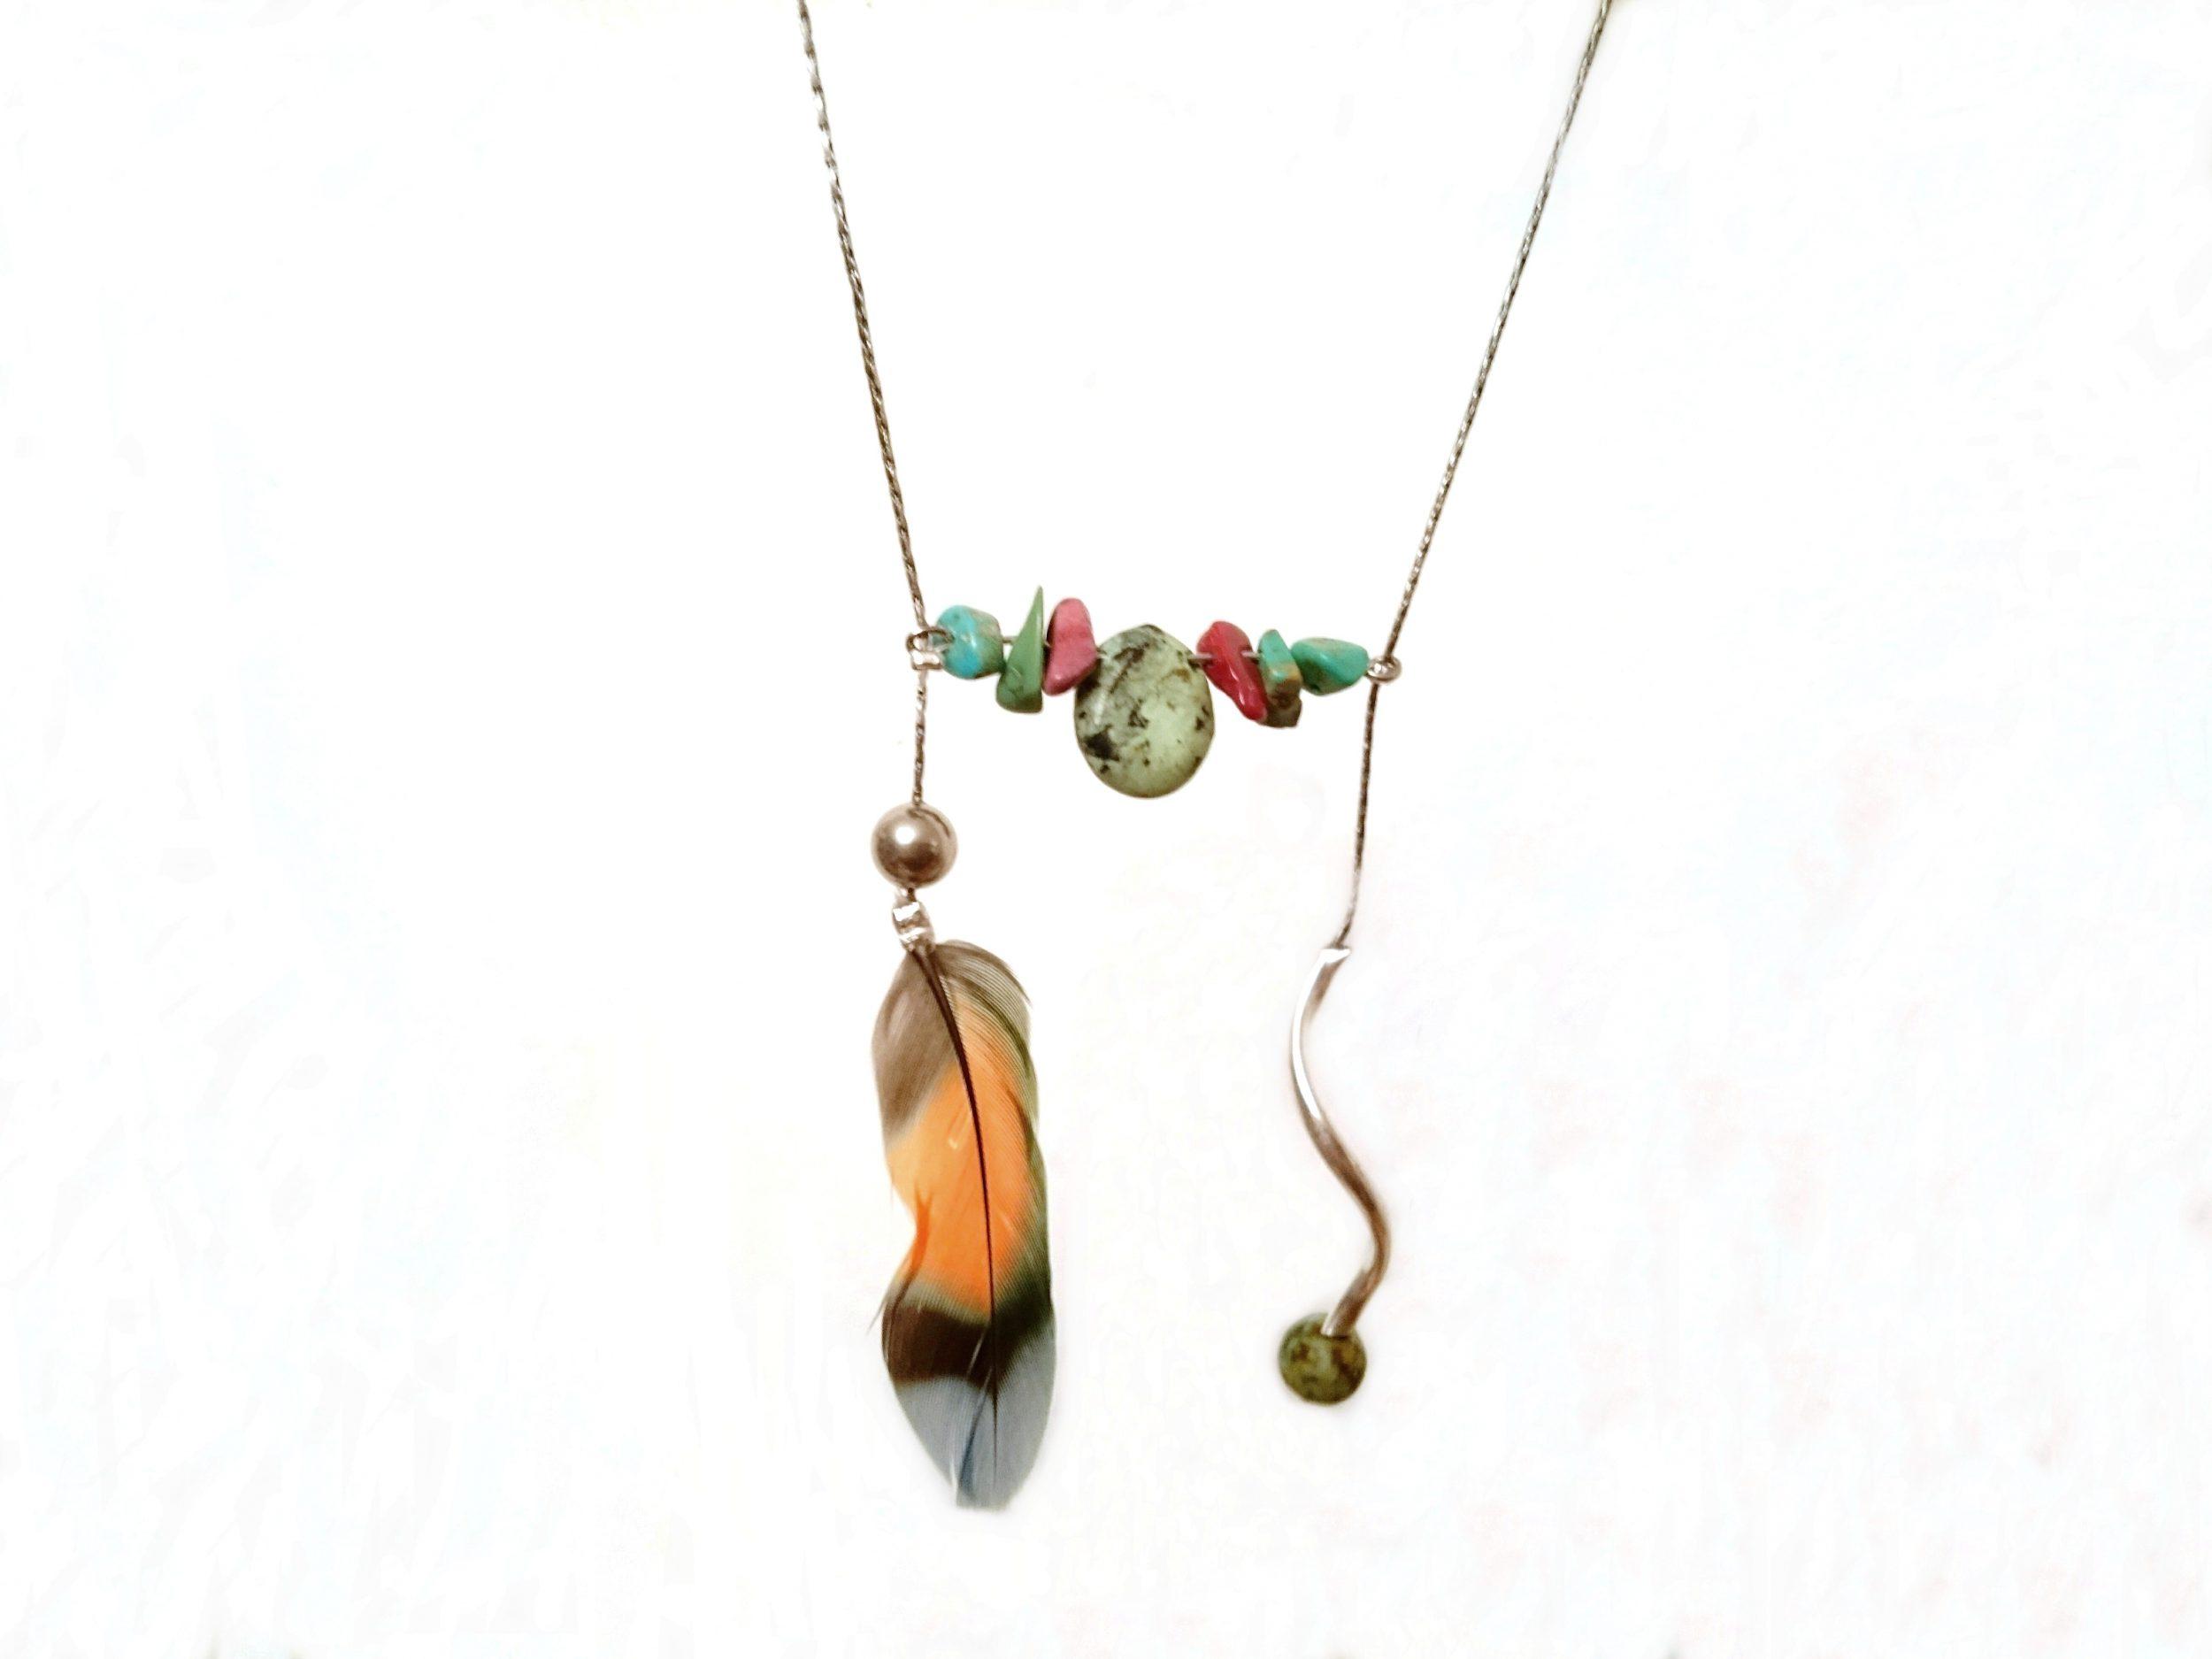 sautoir en forme de H avec une plume multicolore et des pierres fines turquoise et jaspe, pendentifs vus en gros plan